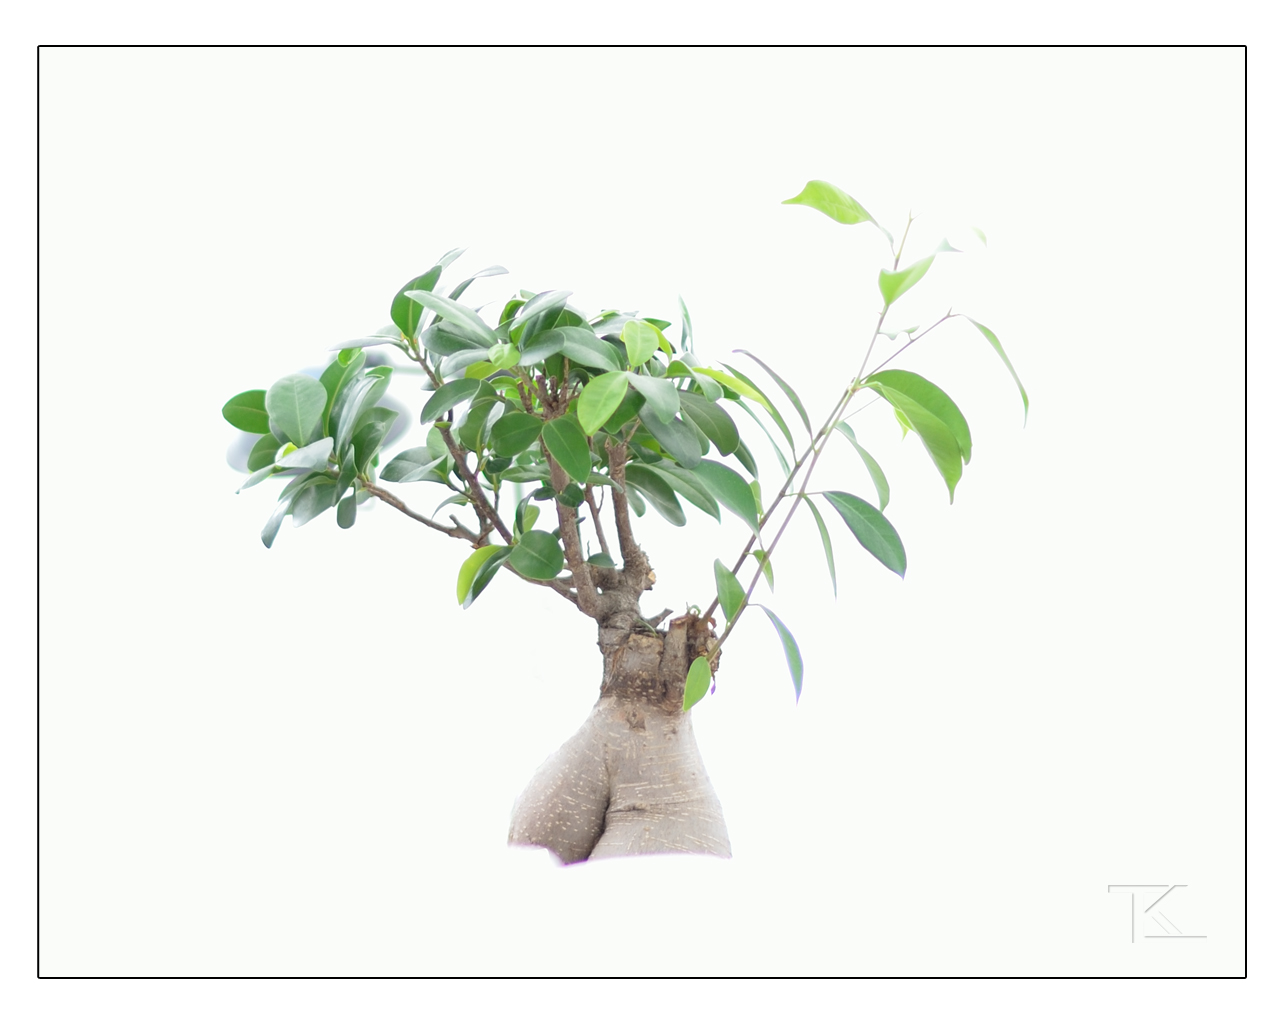 Baum?!